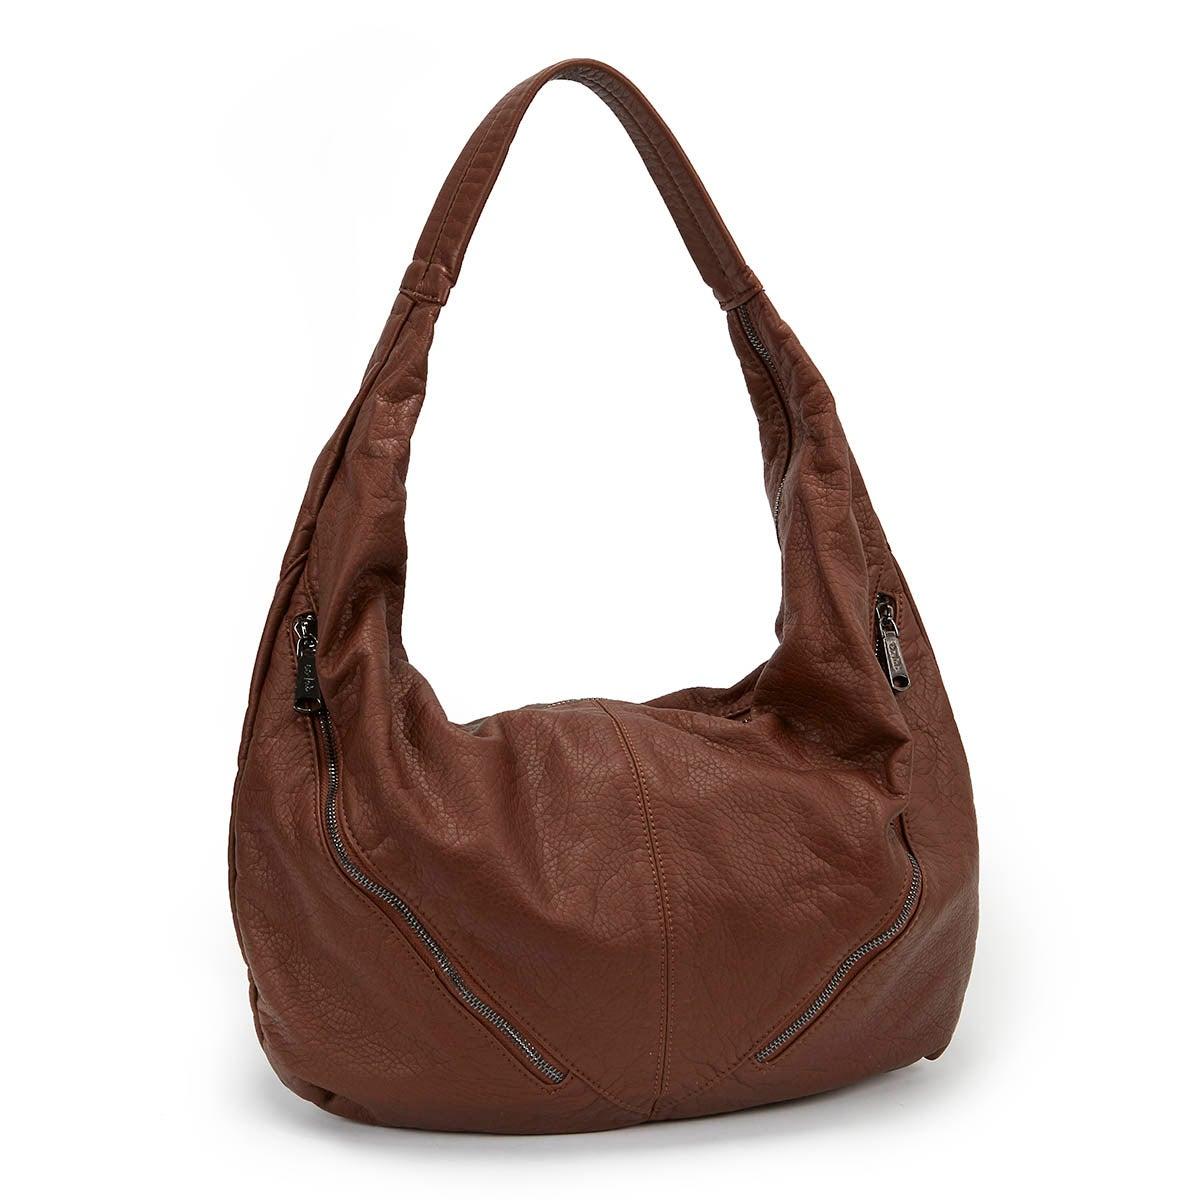 Lds The Wash cognac zip up hobo bag